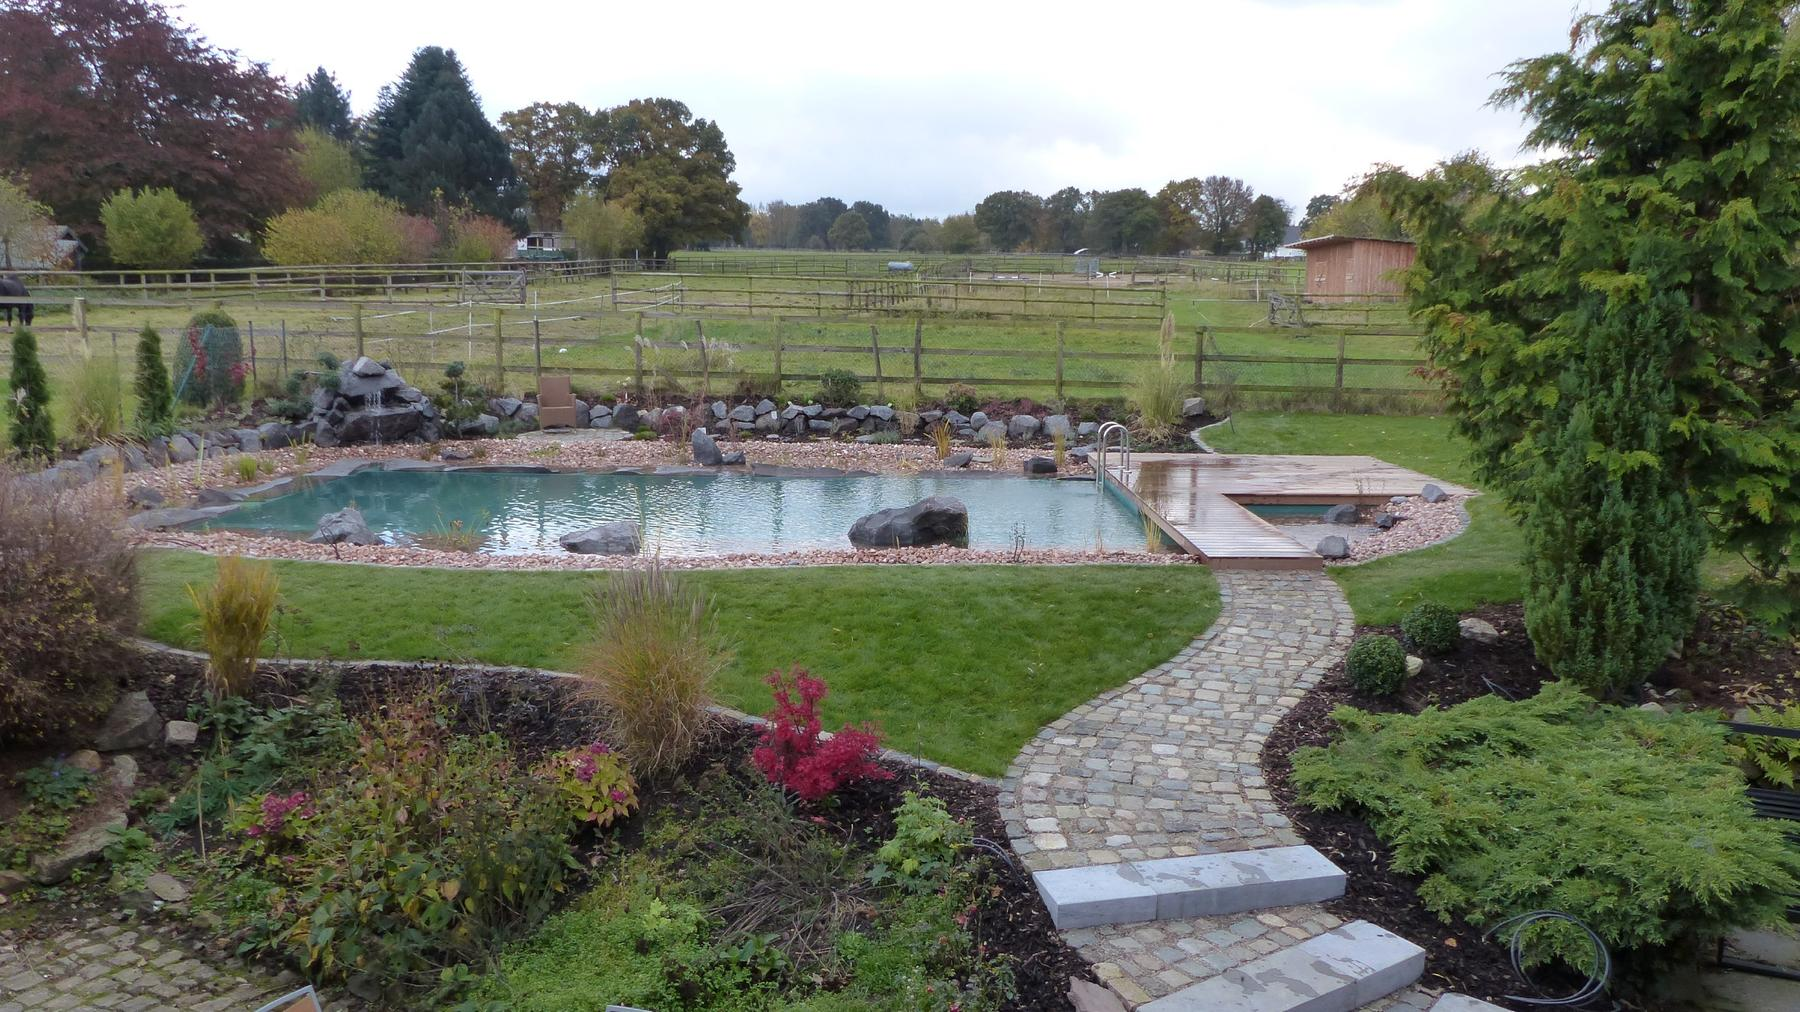 Mit Pool zum Luxus-Garten - Deutschland geht baden